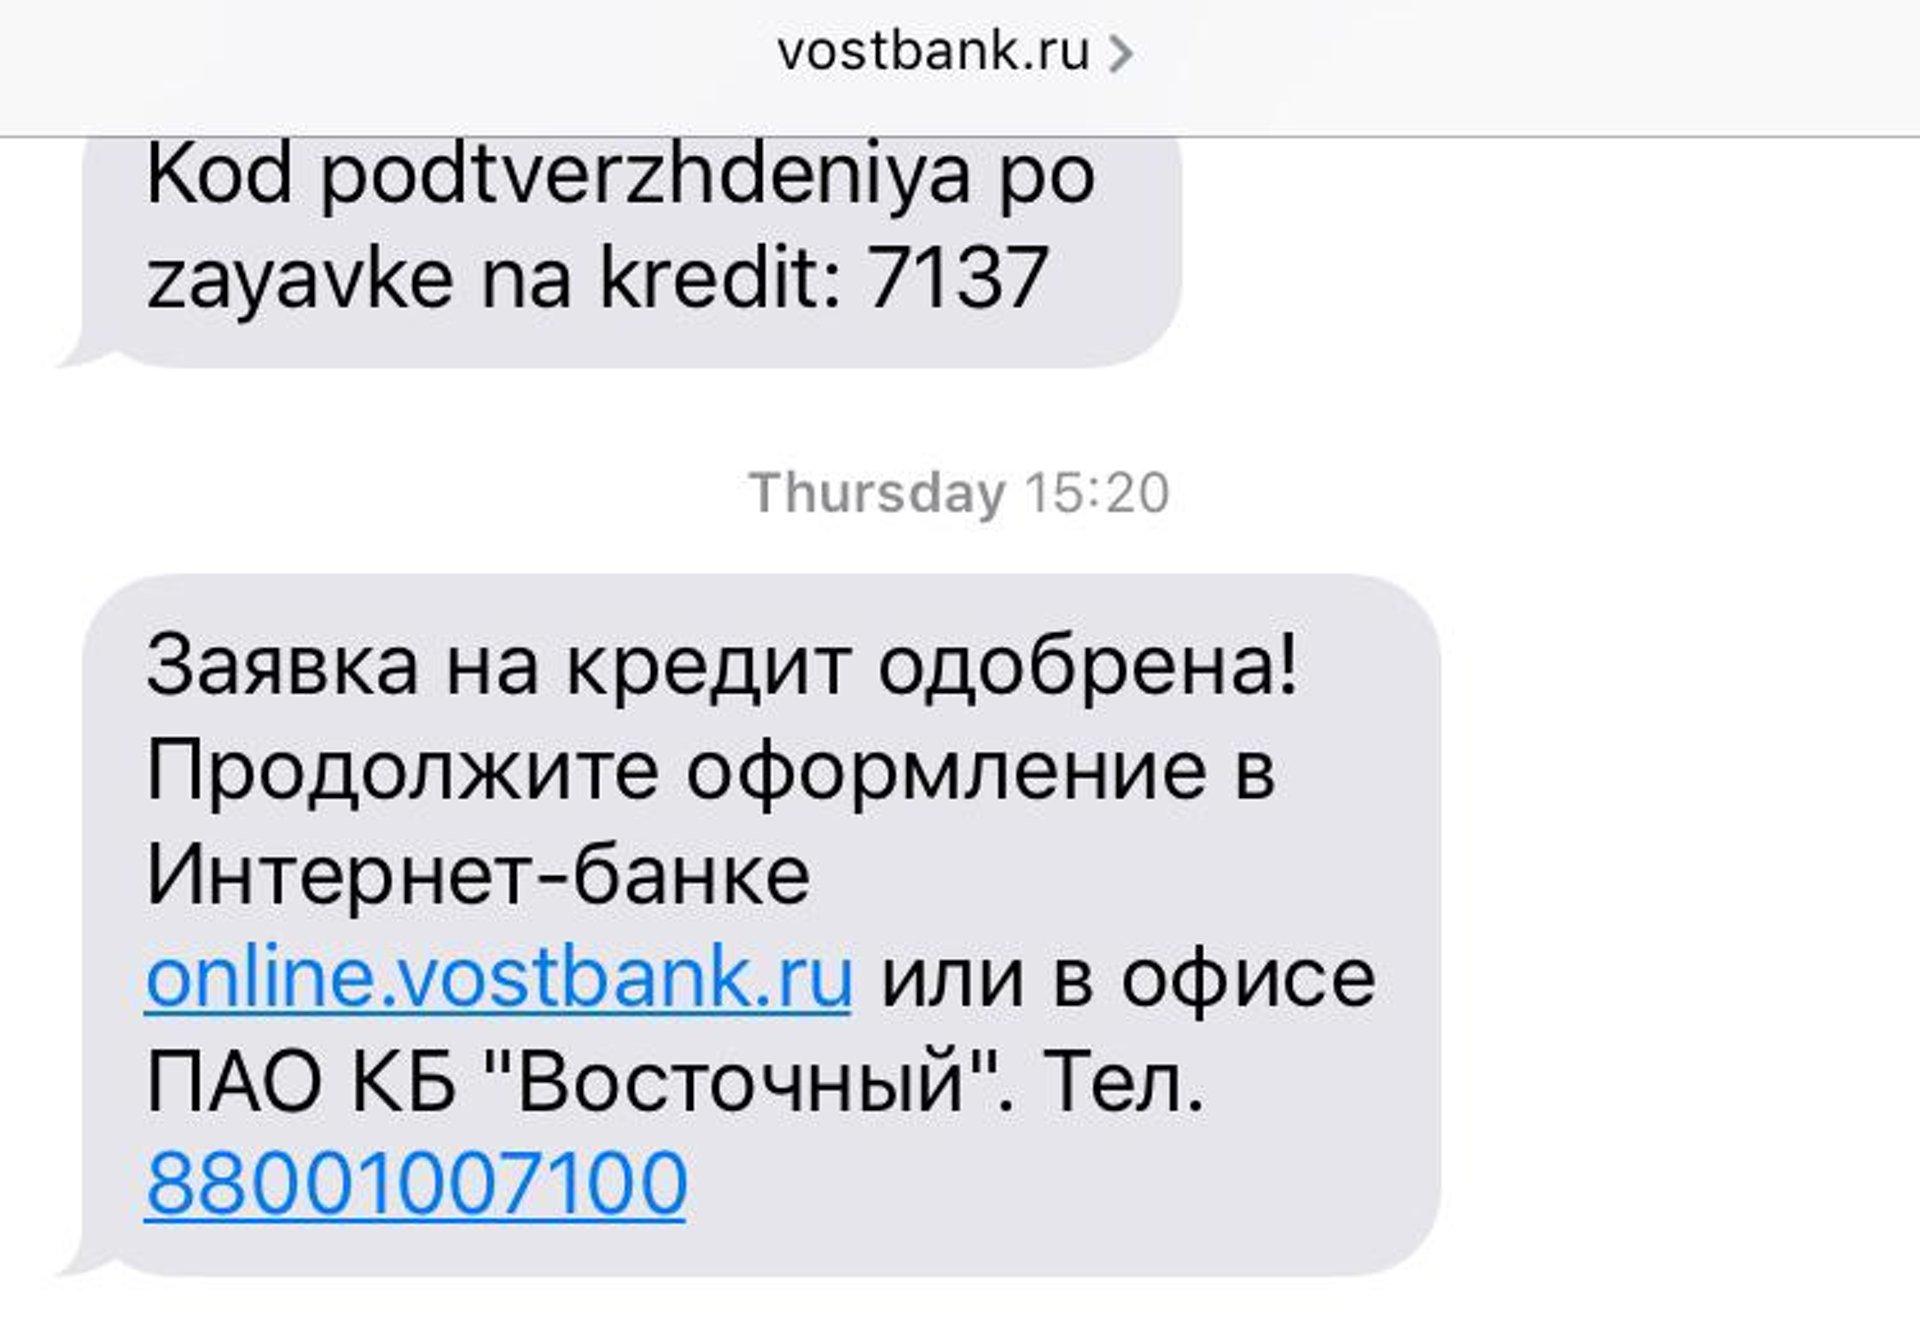 Проверка авто по вин гибдд официальный сайт курск